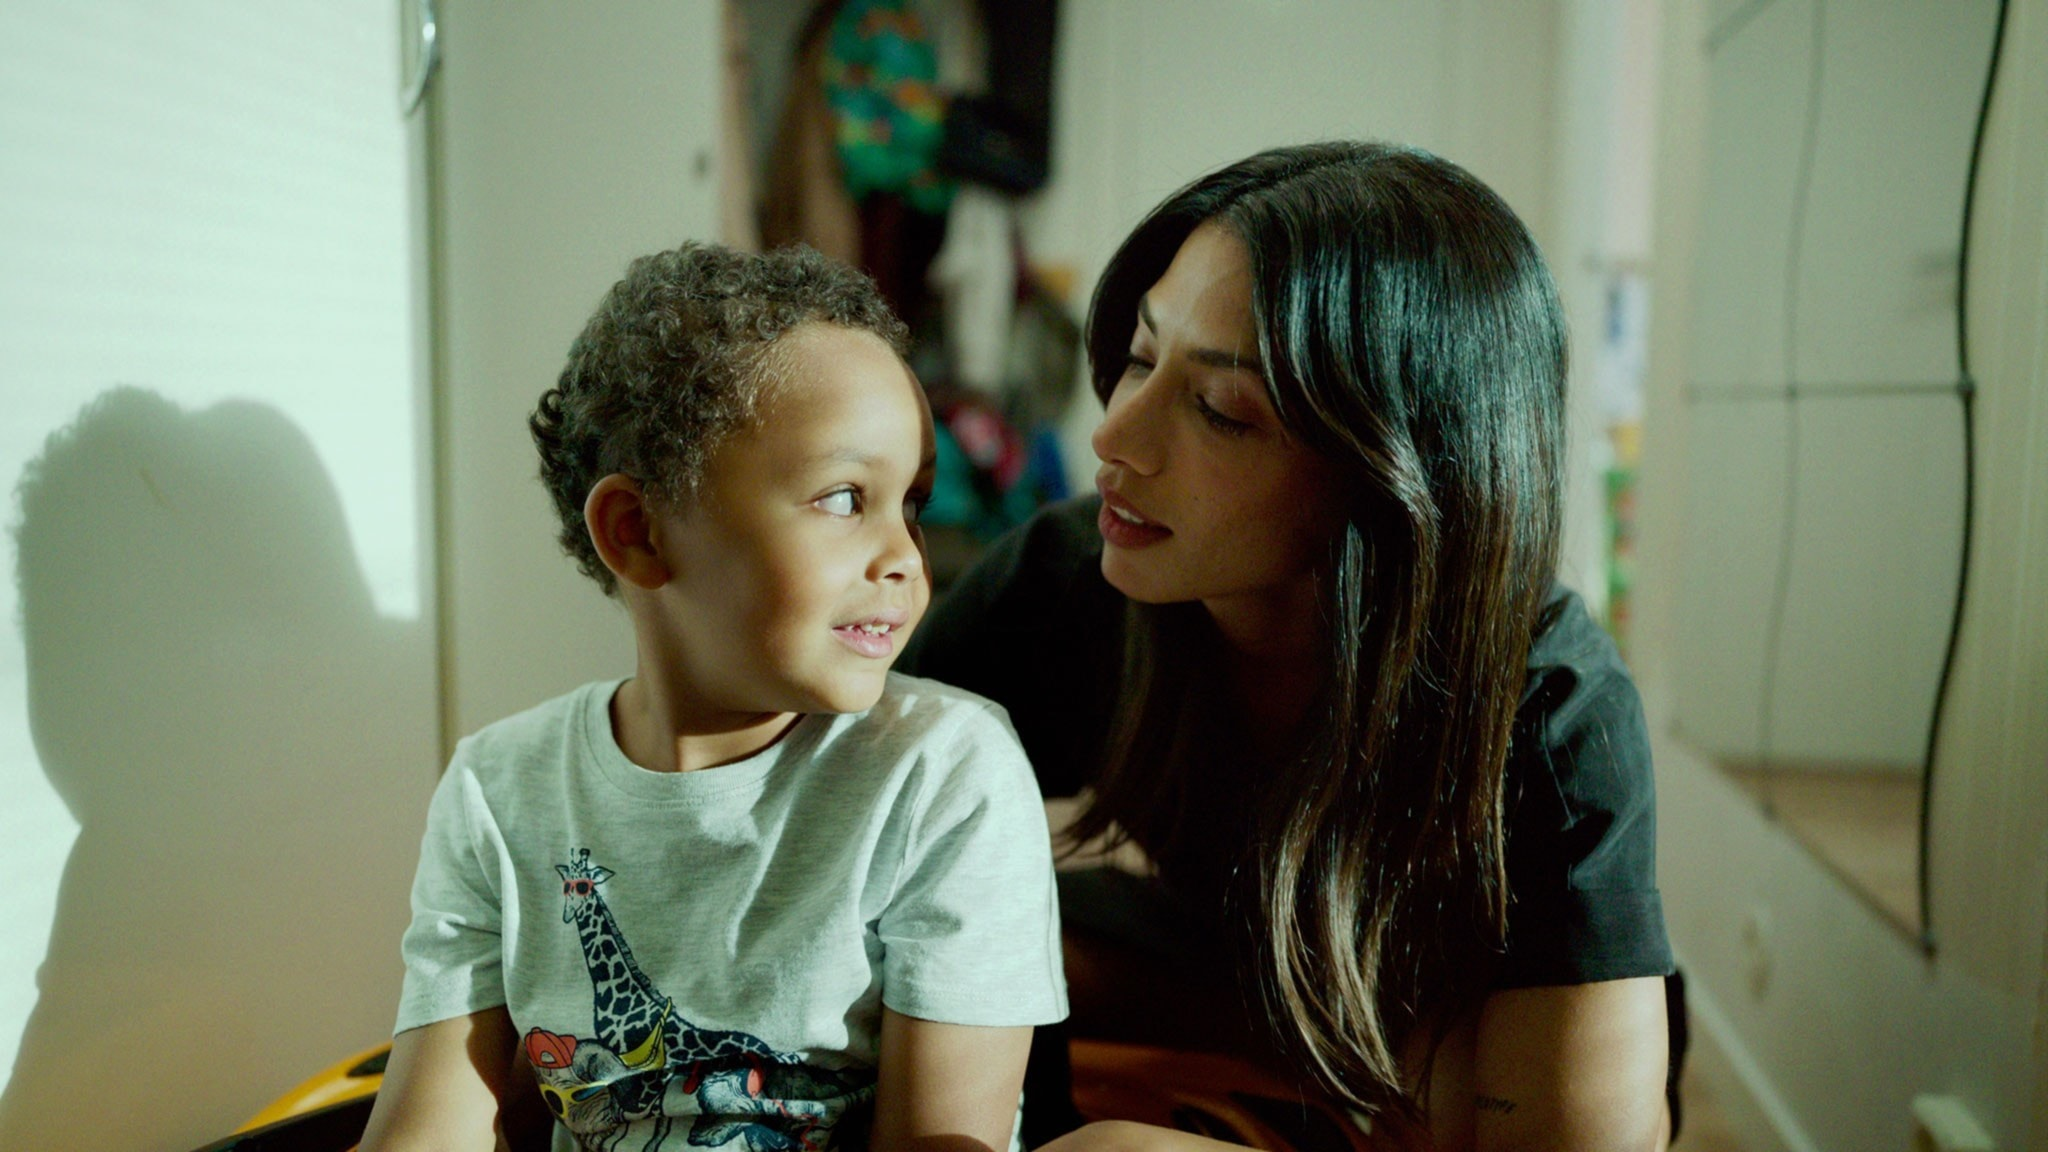 En mamma pratar med sin lille son cirka fyra år gammal klädd i mönstrad T-shirt.